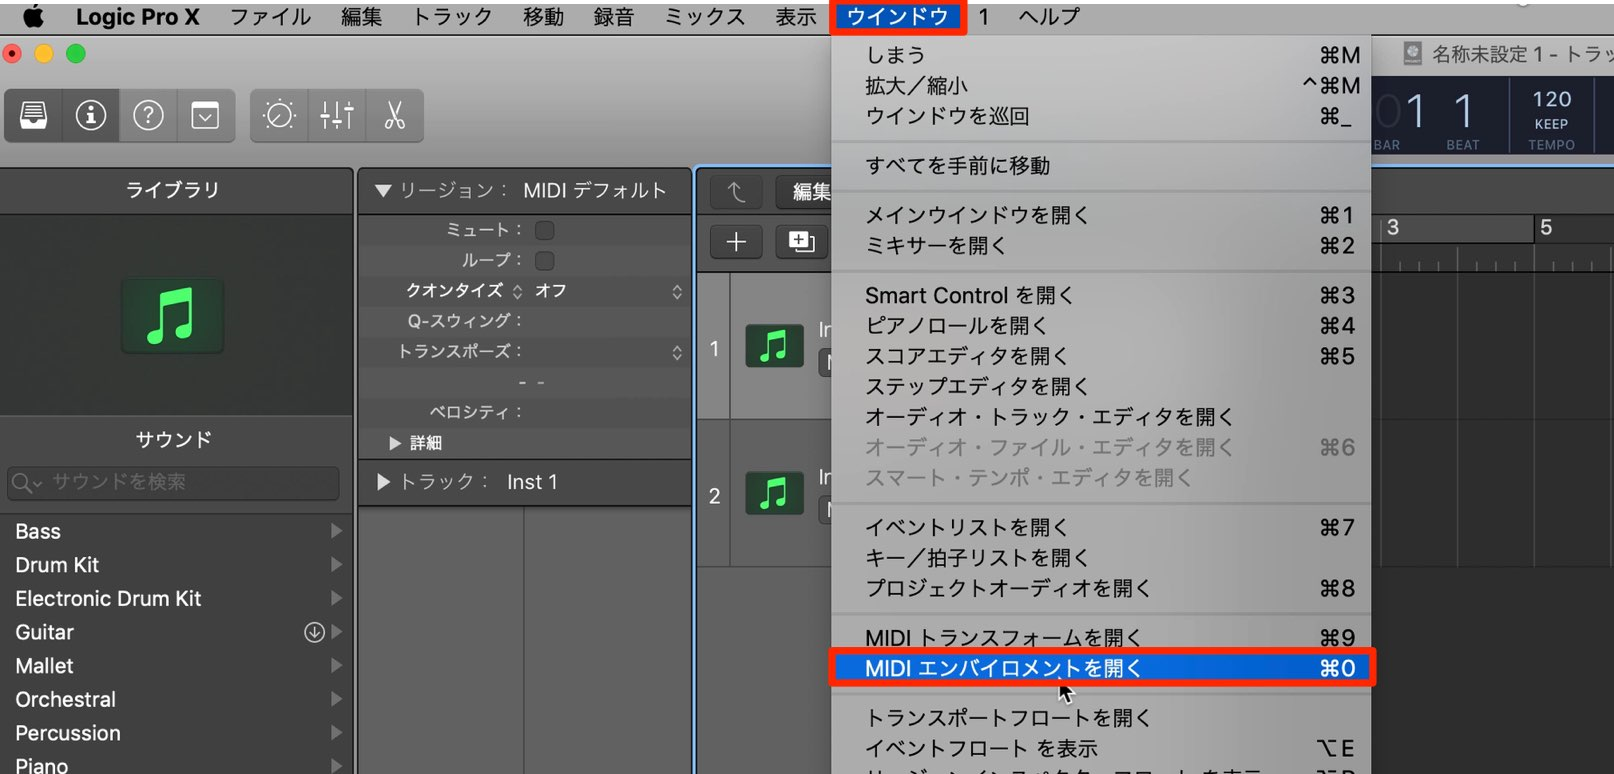 ソフト音源ごとに異なるMIDIデバイス(キーボード)を割り当てる-1